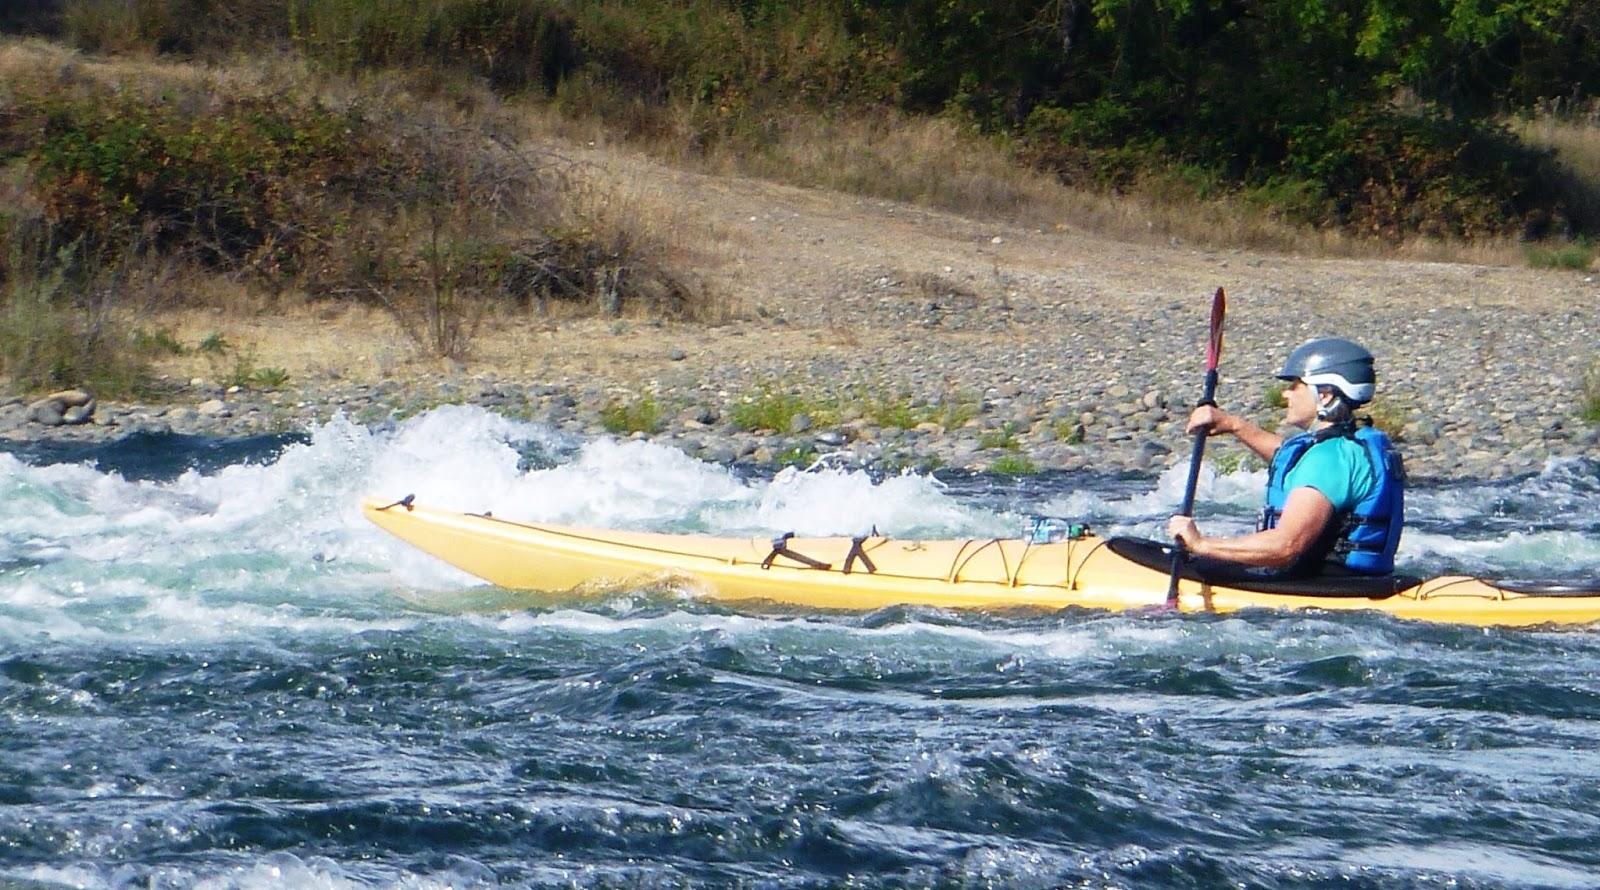 San juan rapids